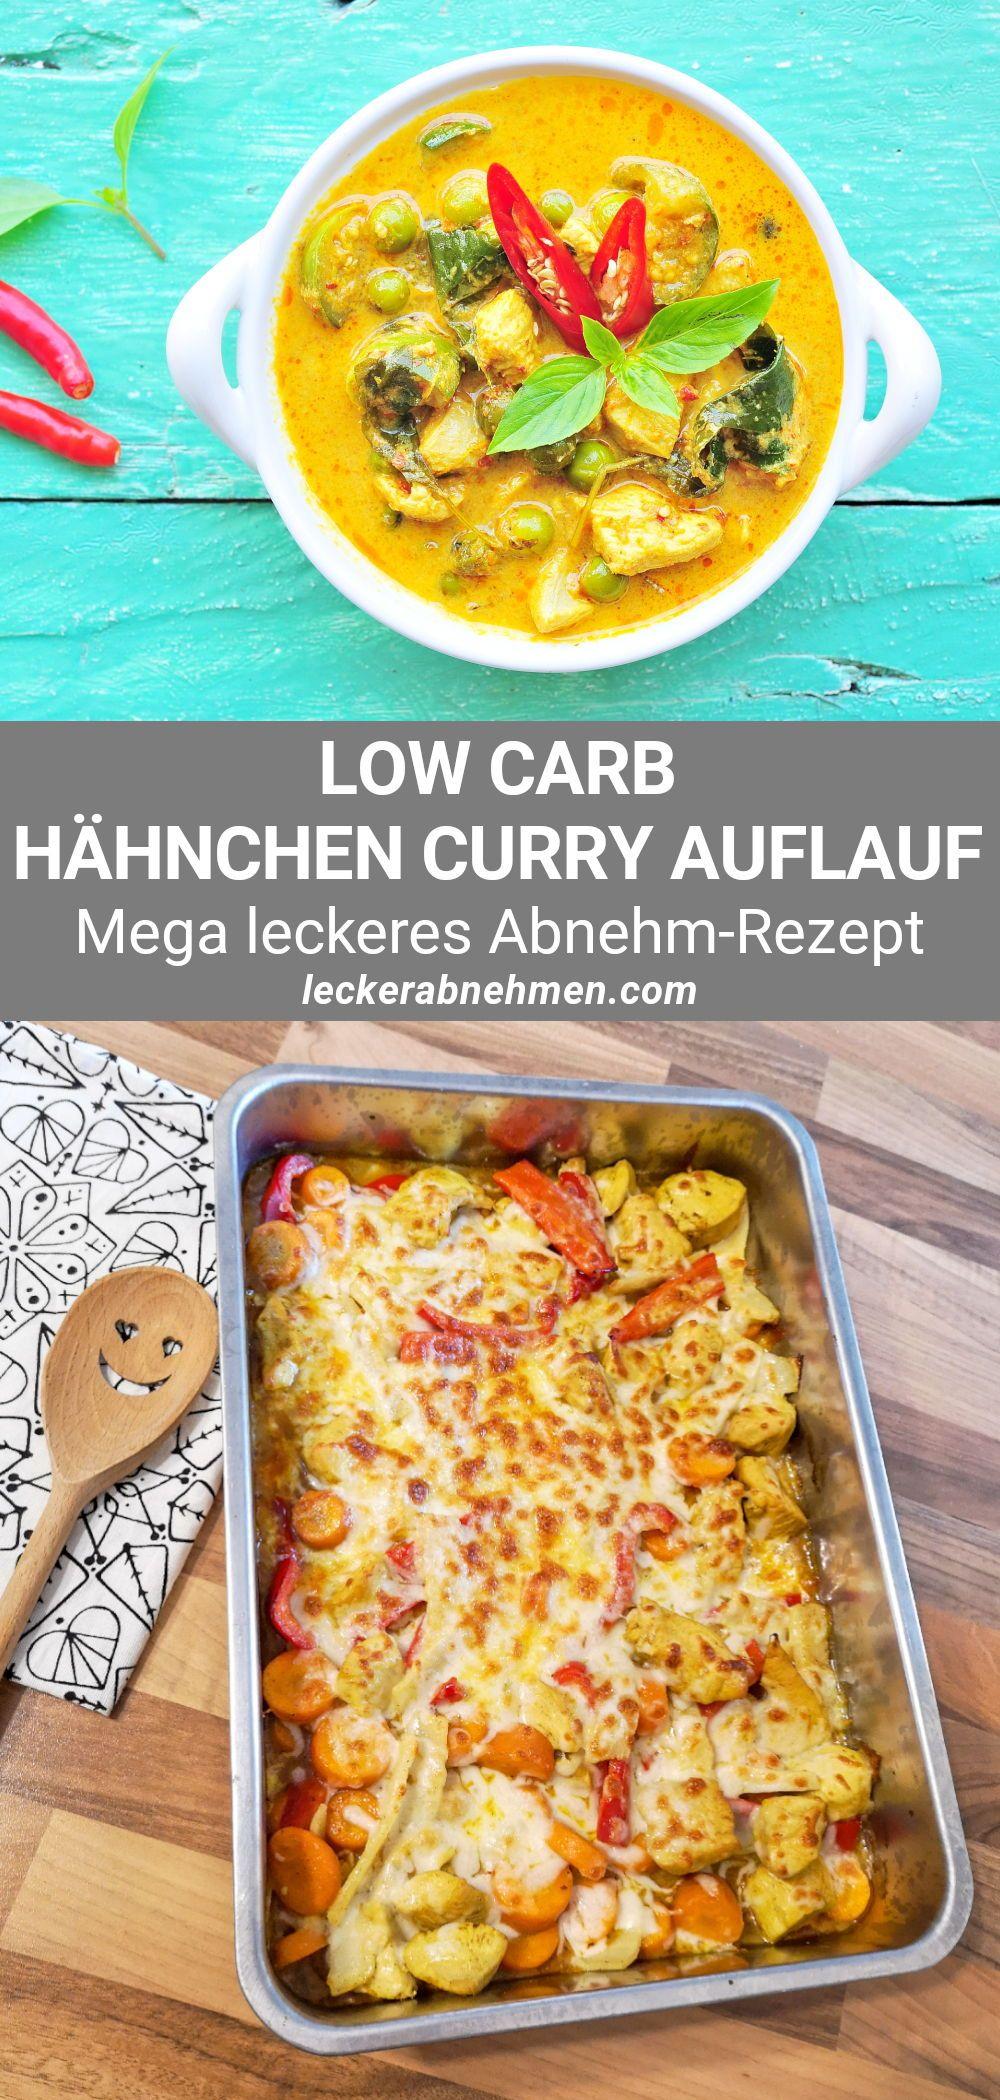 Low Carb Auflauf im Hähnchen Curry Stil – Leckeres Hähnchen Rezept zum Abnehmen